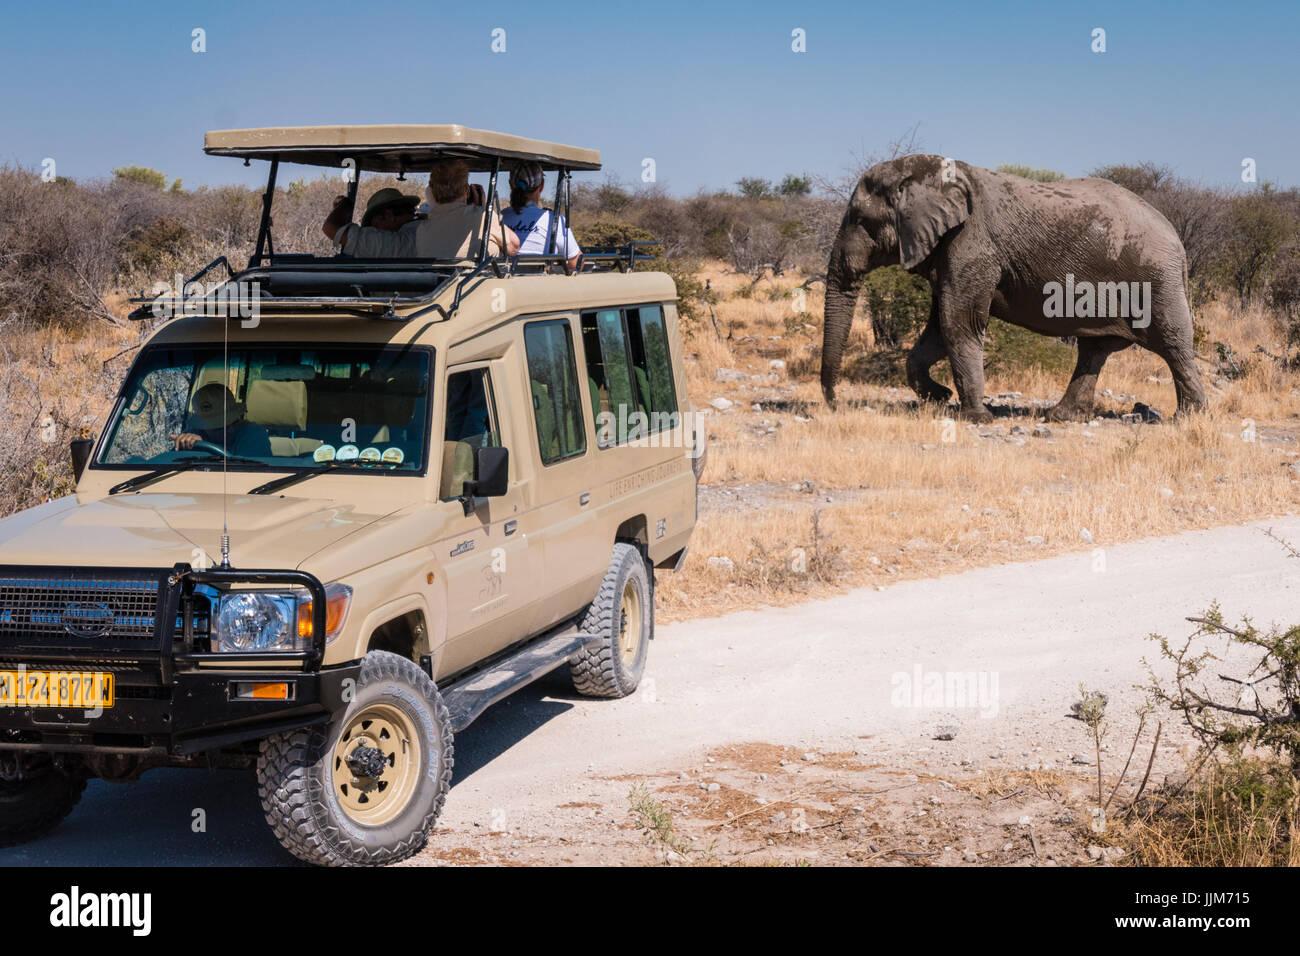 Touristen fotografieren Elefant aus einem Safari-Fahrzeug im Etosha Nationalpark, Namibia, Afrika Stockbild